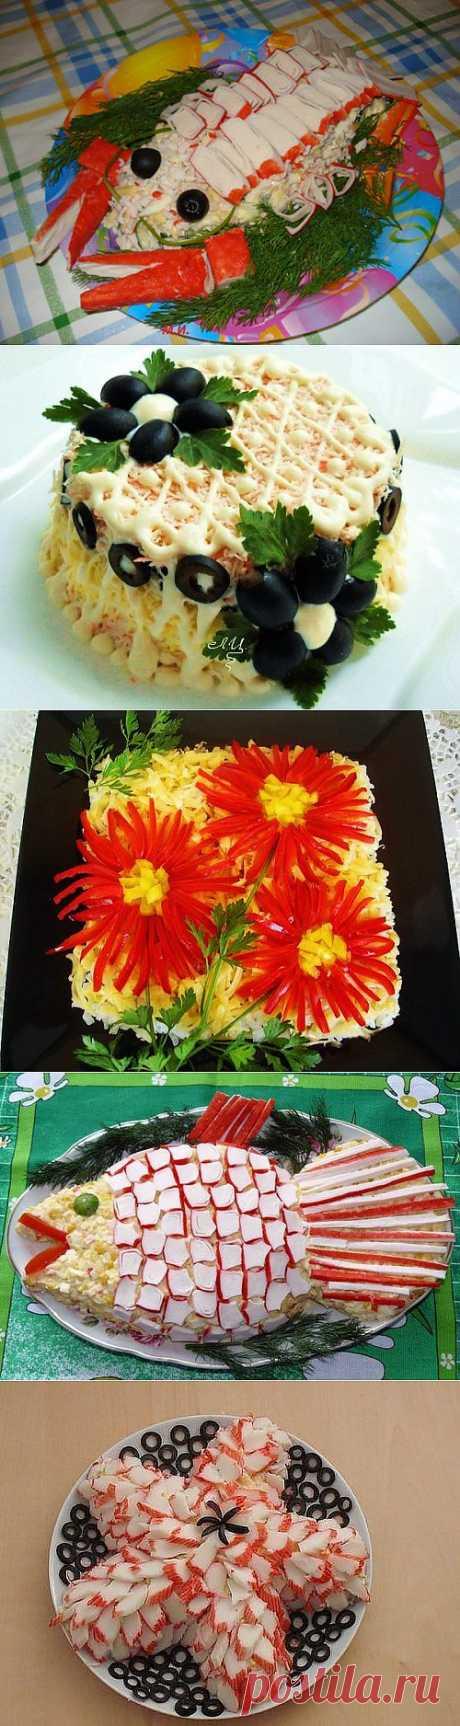 Праздничные салаты с крабовыми палочками: оформление и рецепты / Простые рецепты